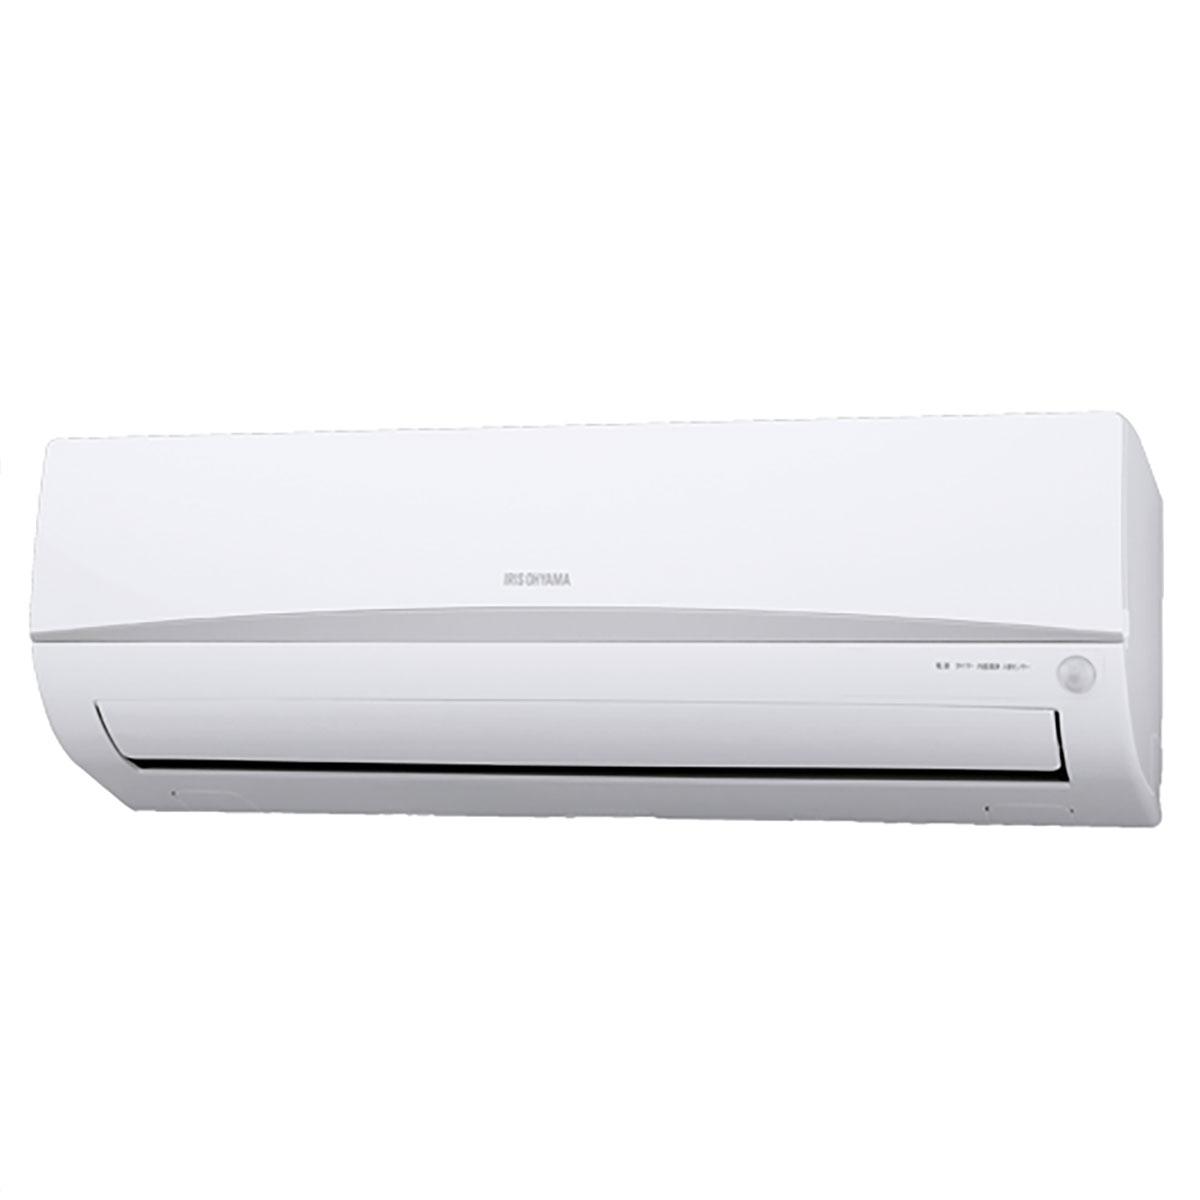 アイリスオーヤマ/IRIS OHYAMA IRA-2801W ルームエアコン 冷房時8~12畳 暖房時8~10畳